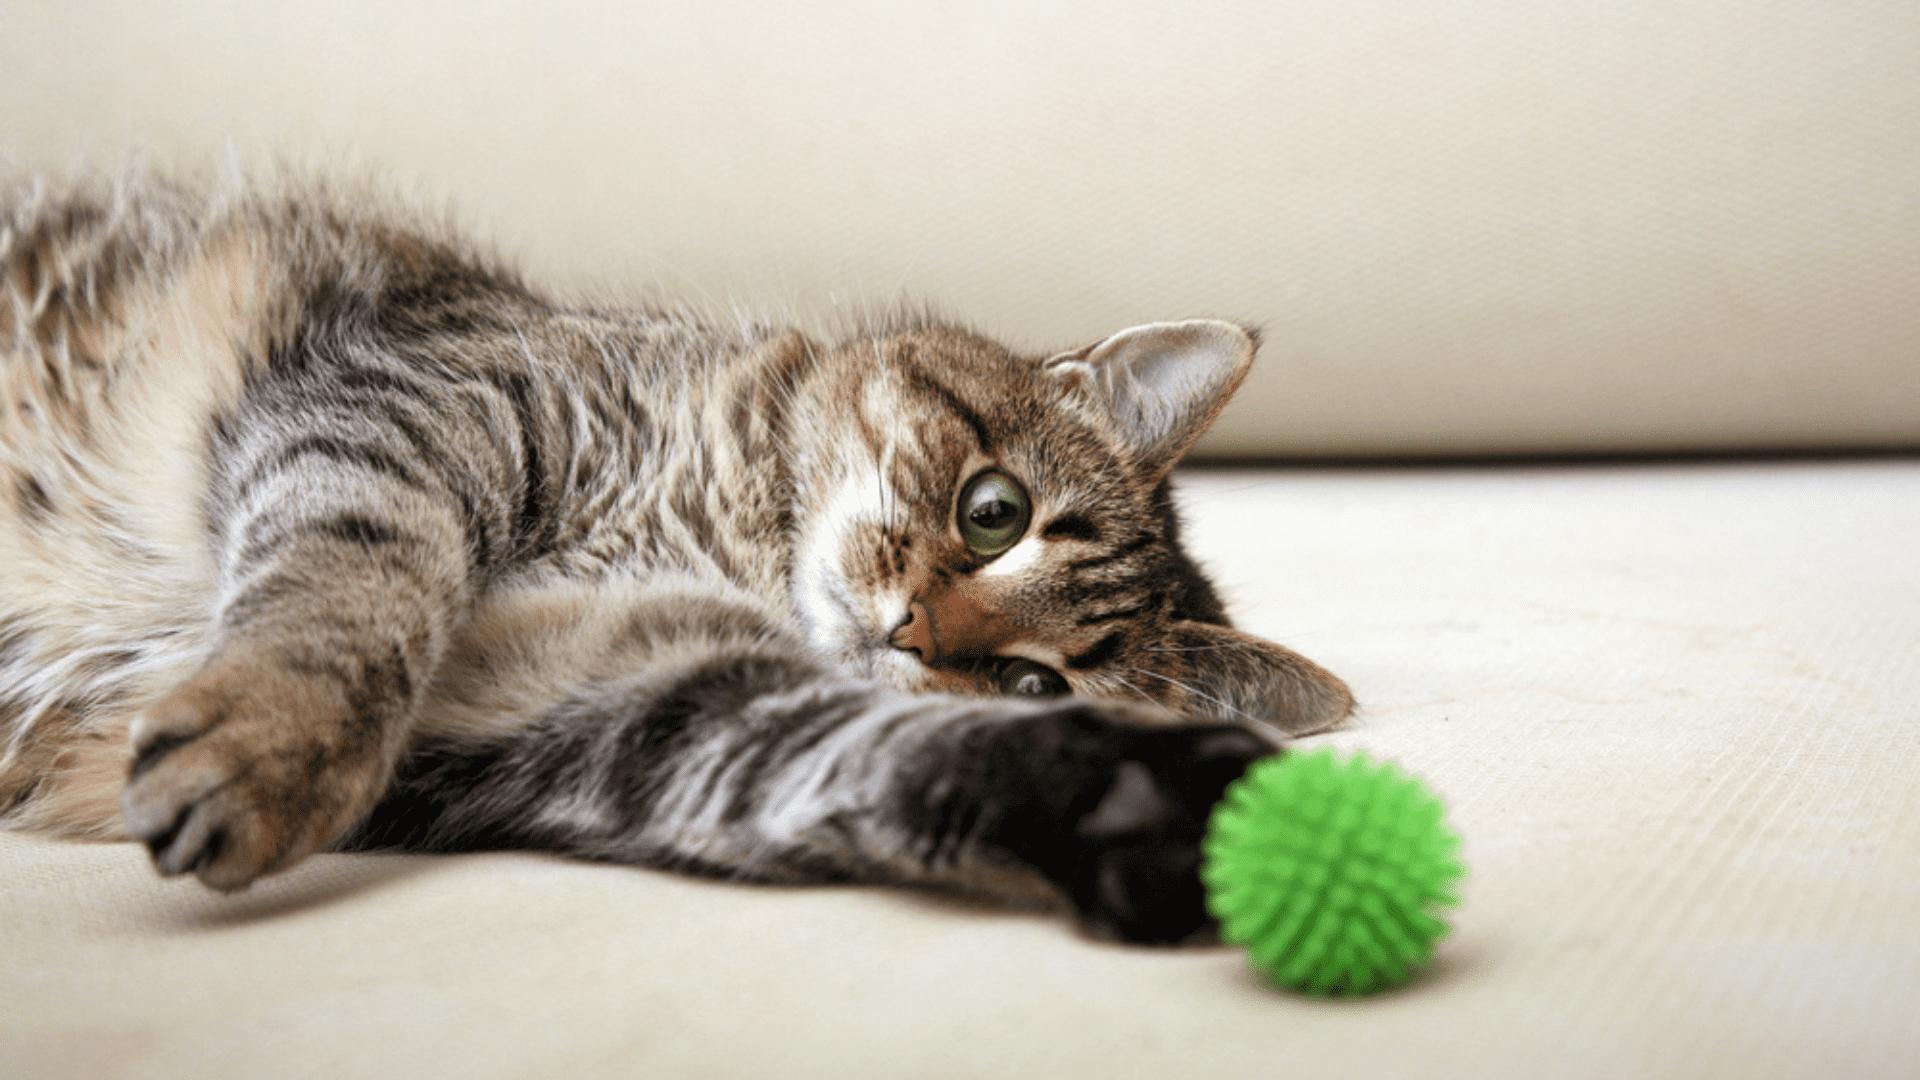 A bolinha é recomendada para exercitar o físico e as funções cognitivas do gato (Reprodução/Shutterstock)